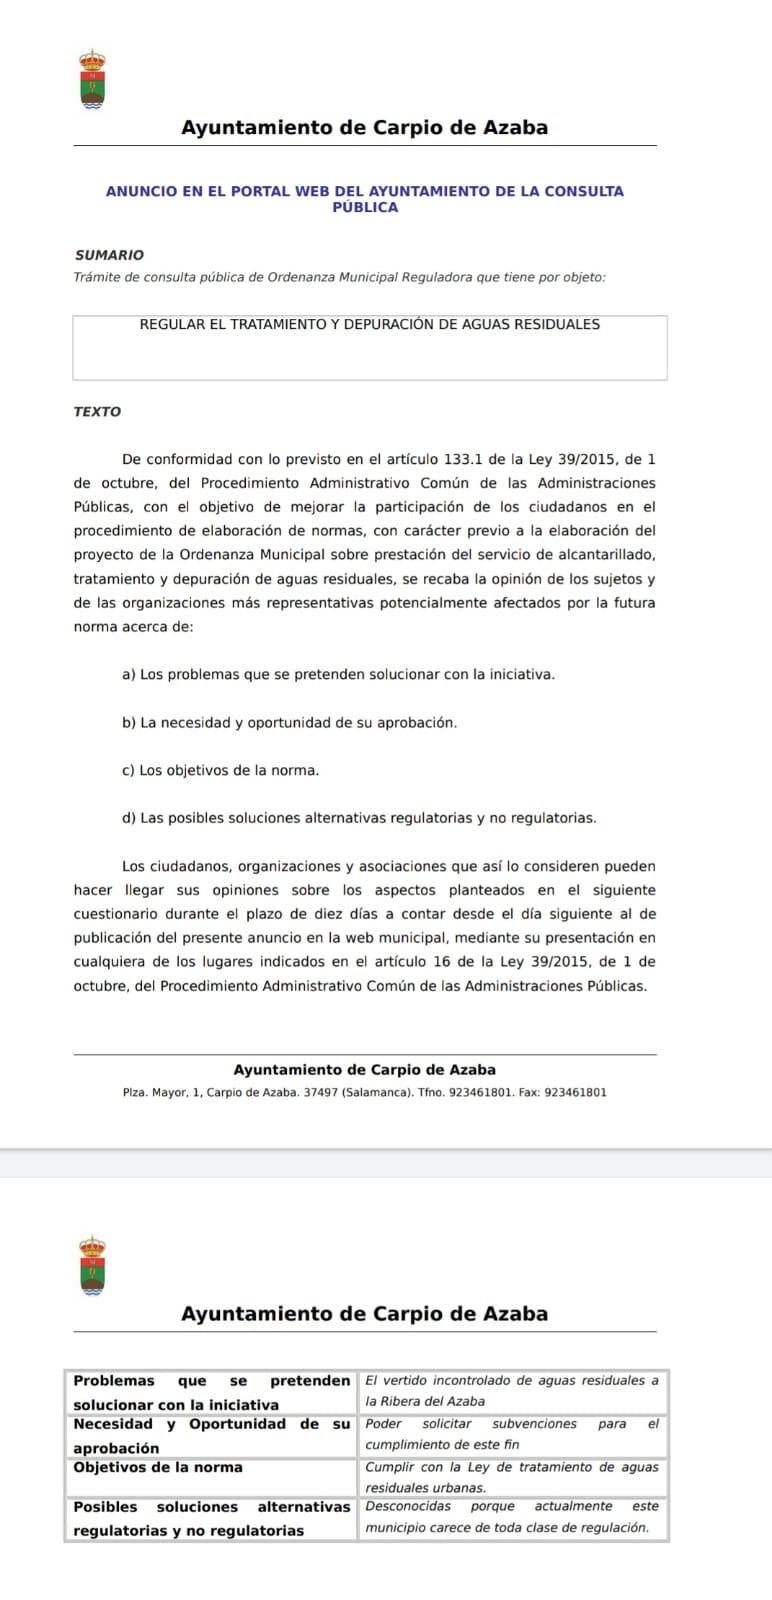 IMG-20201118-WA0004